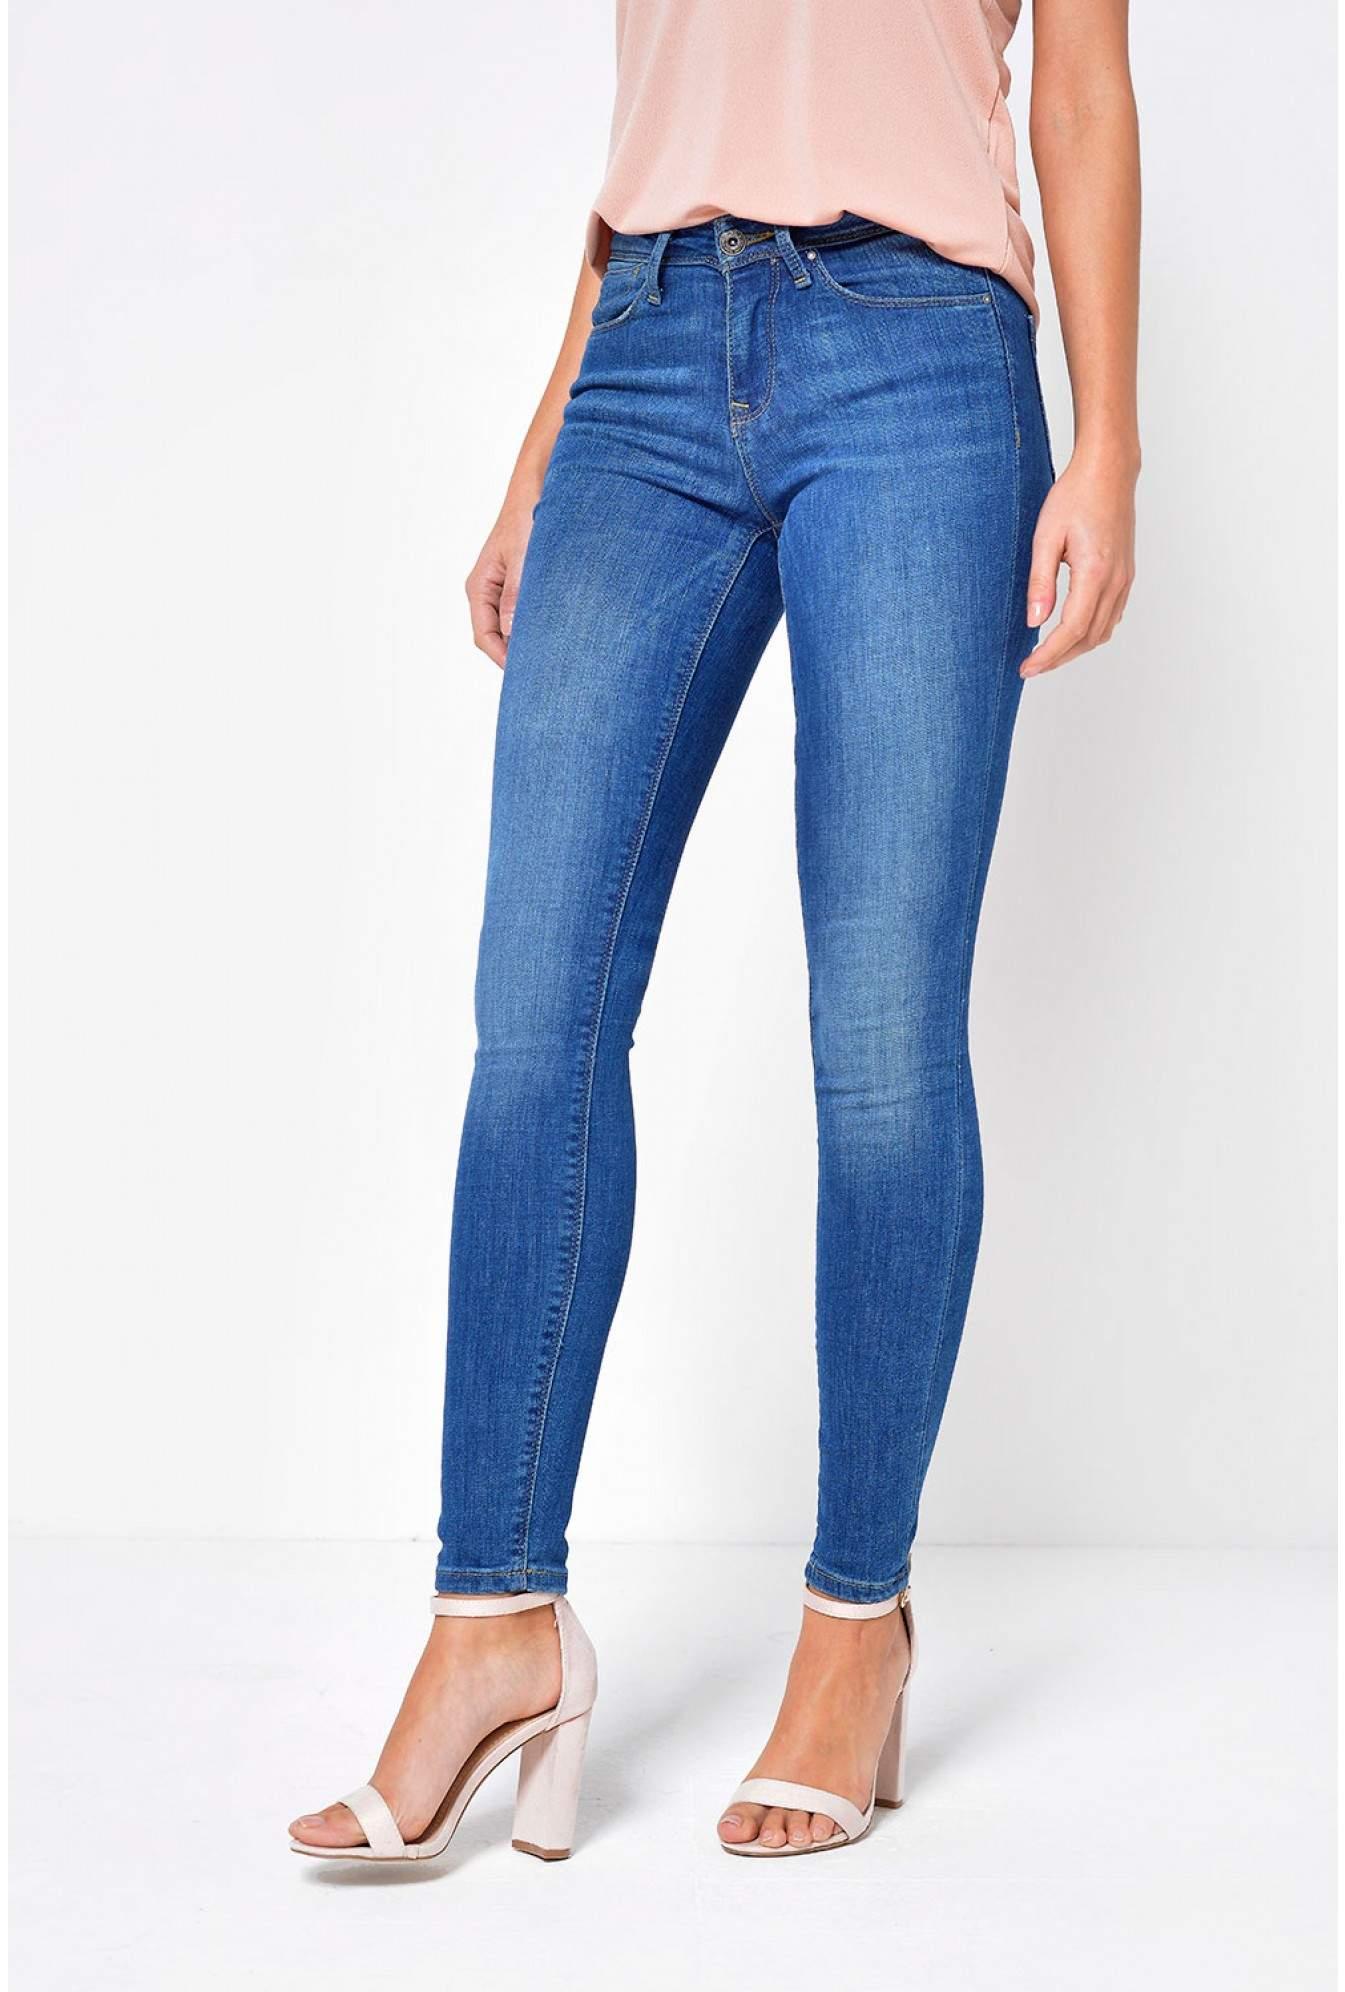 f1c31e3e95d Only Carmen Regular Skinny Fit Jeans in Medium Blue Denim